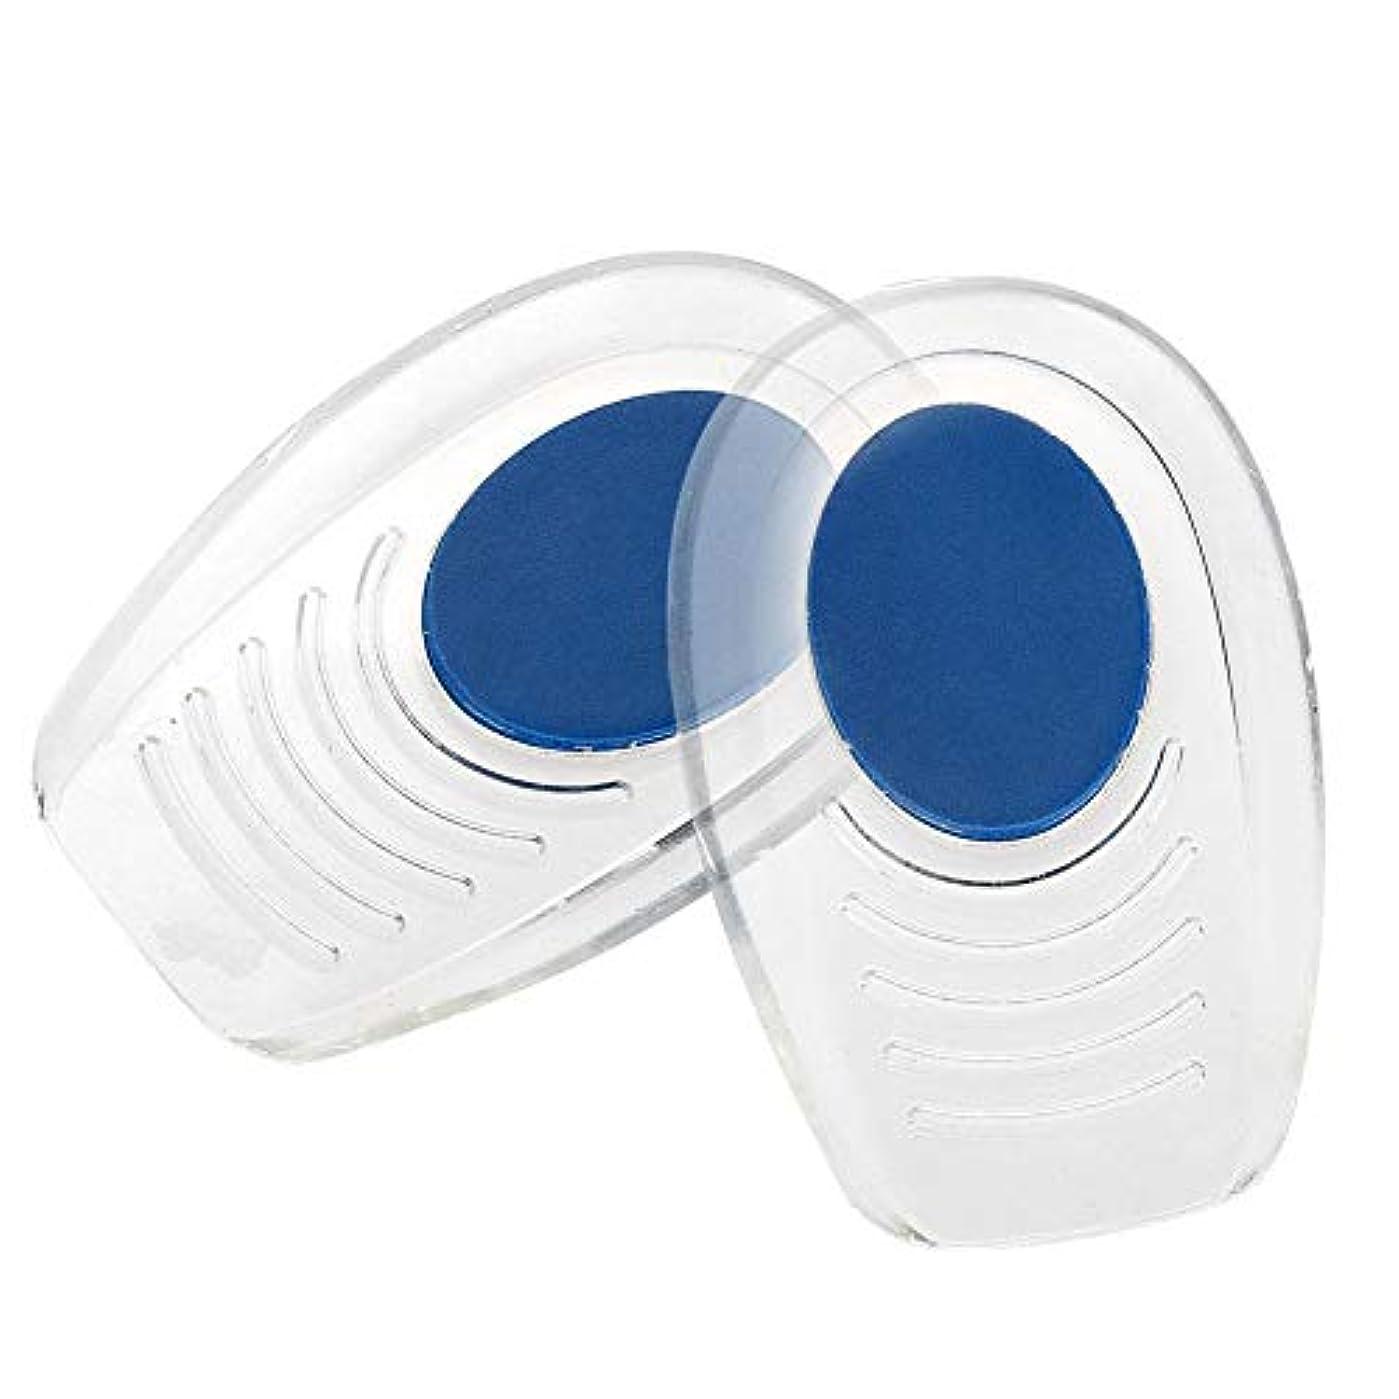 規制する両方加速度ソフトインソール かかと痛みパッド   シリコーン衝撃吸収ヒールパッド (滑り止めテクスチャー付) ブルー パッドフットケアツール (S(7*10.5CM))